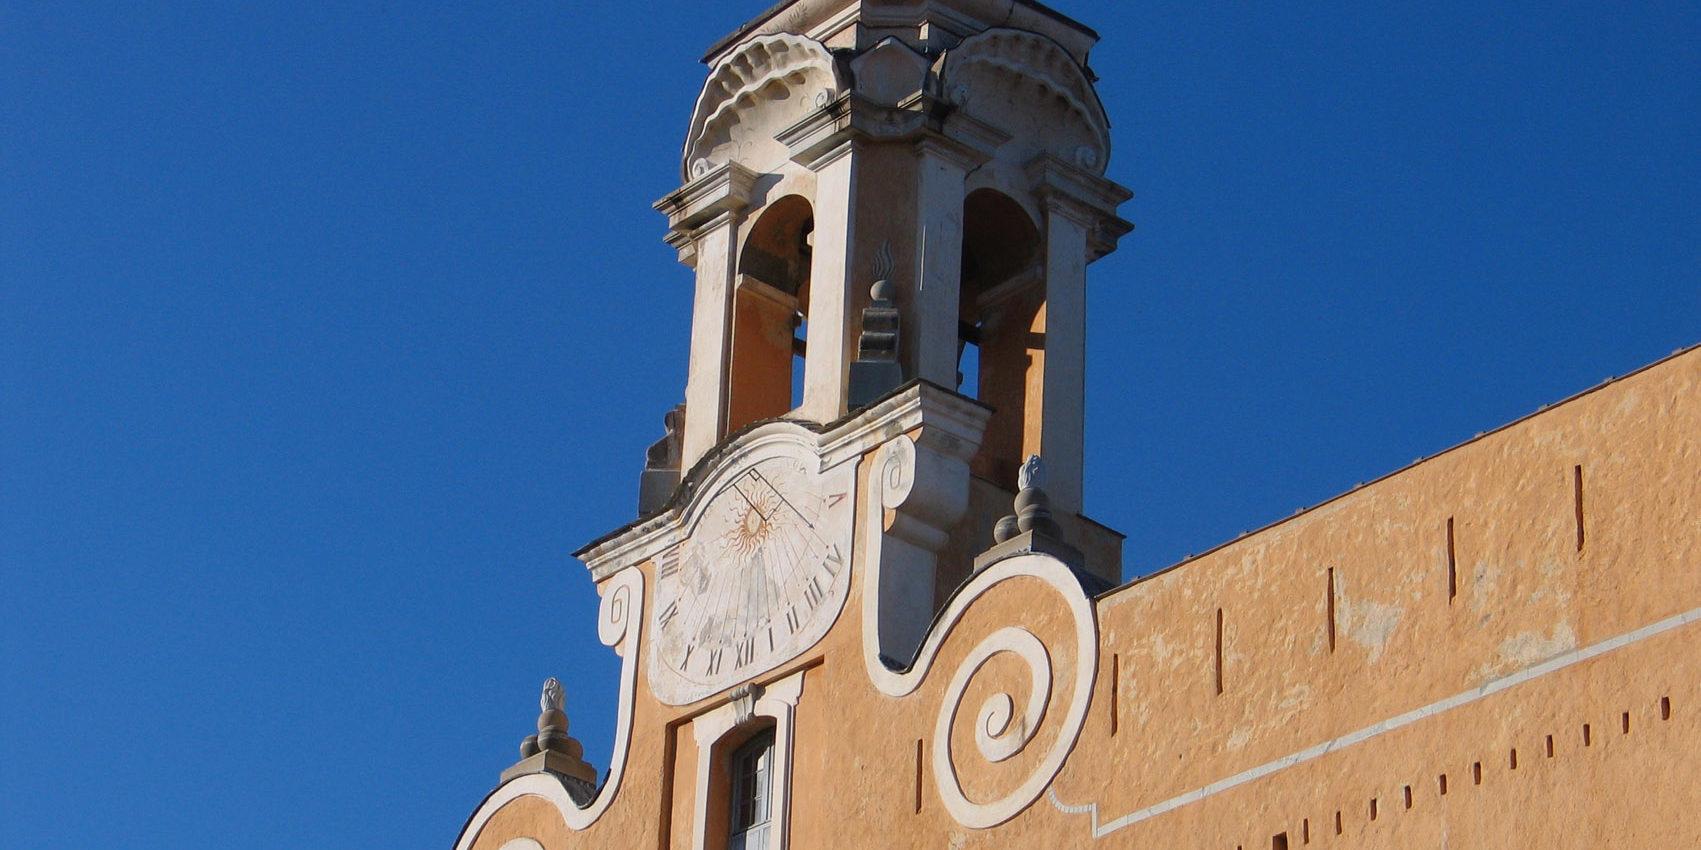 Hotel des Gouverneurs Bastia Corsica Frankrijk Palais-des-Gouverneurs façade detail museum